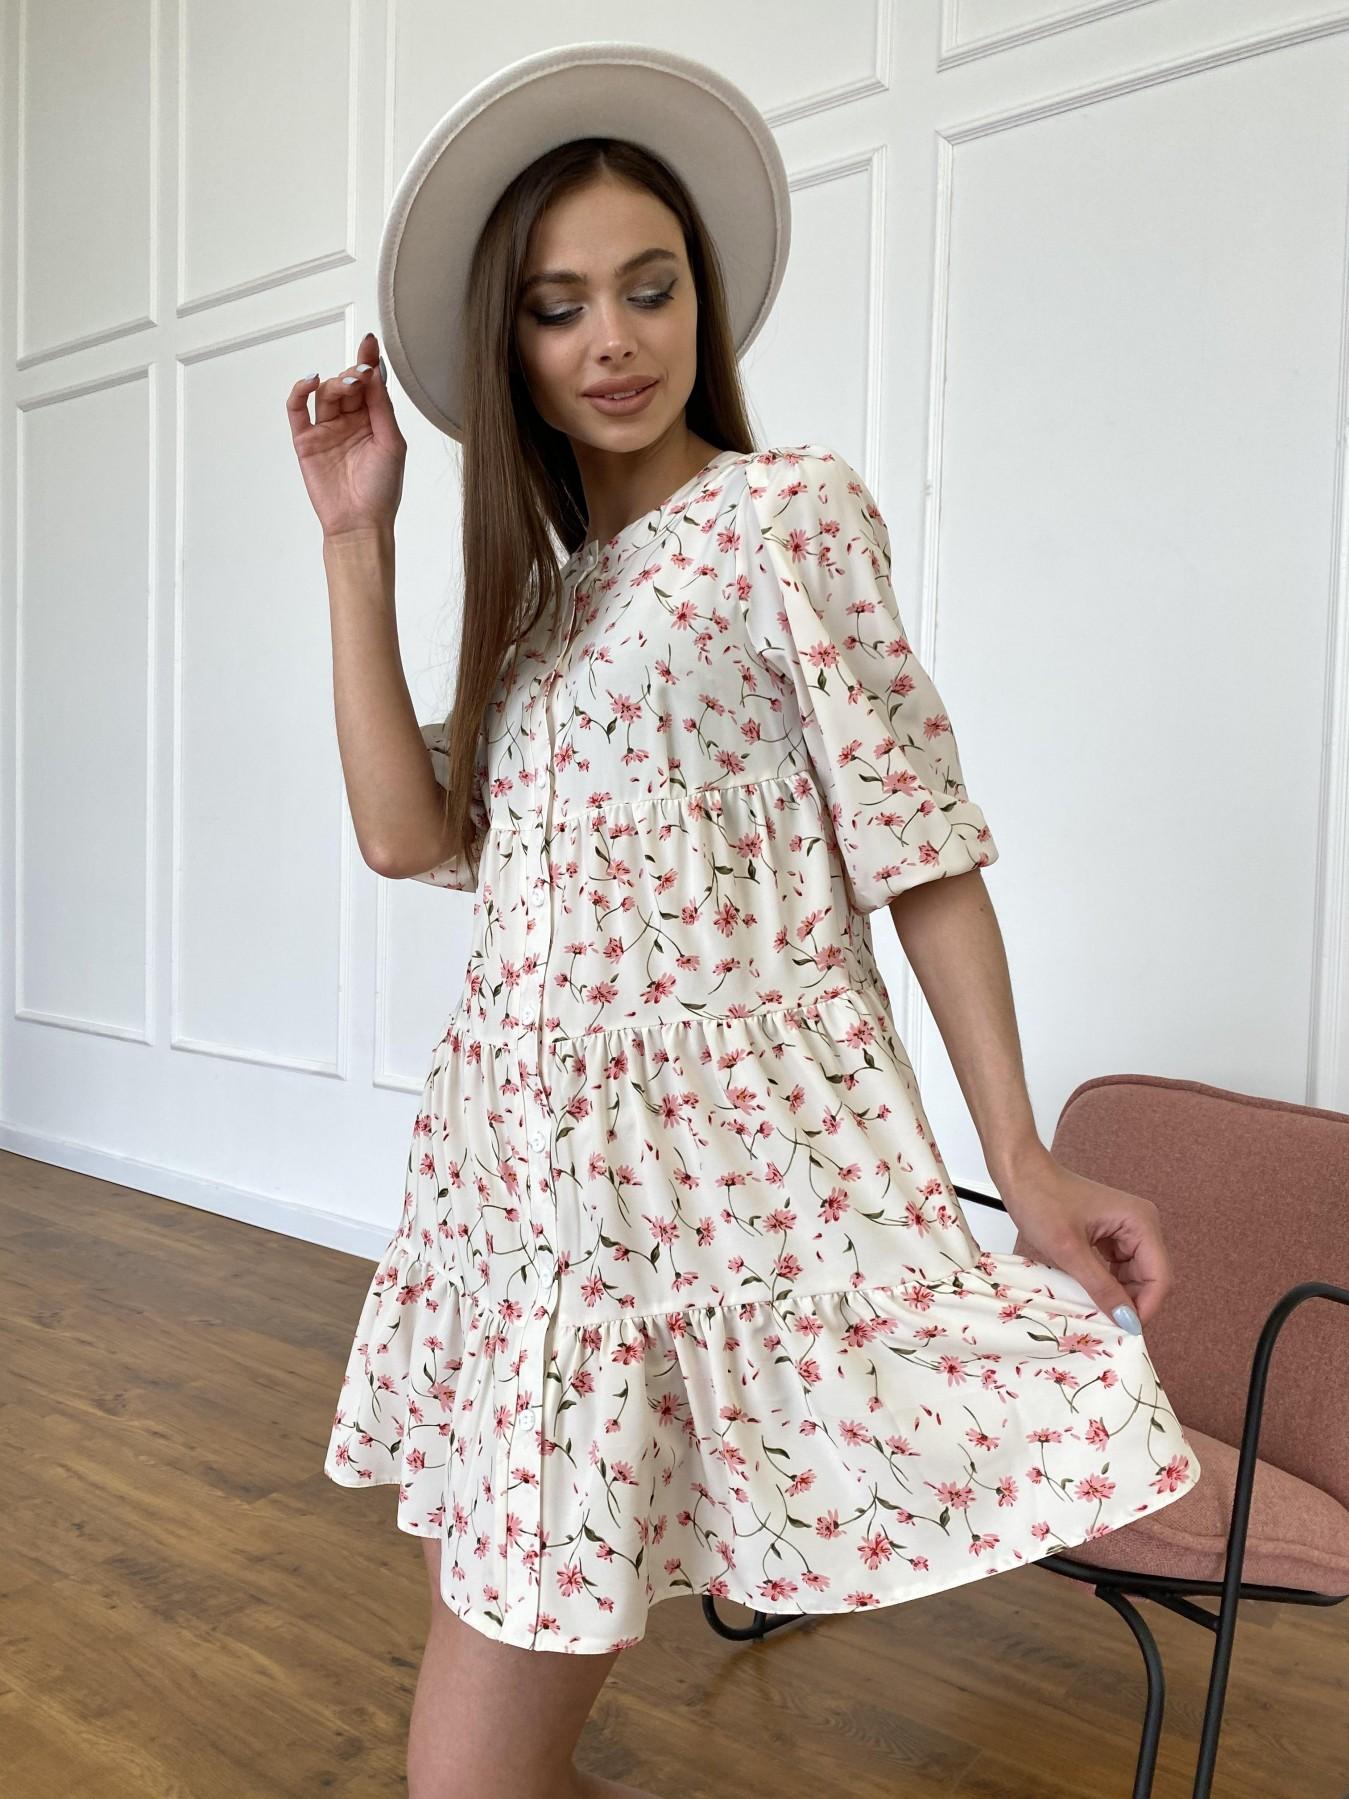 Берри платье из ткани софт в принт 11211 АРТ. 47724 Цвет: Молоко/розовый, Цветы - фото 5, интернет магазин tm-modus.ru